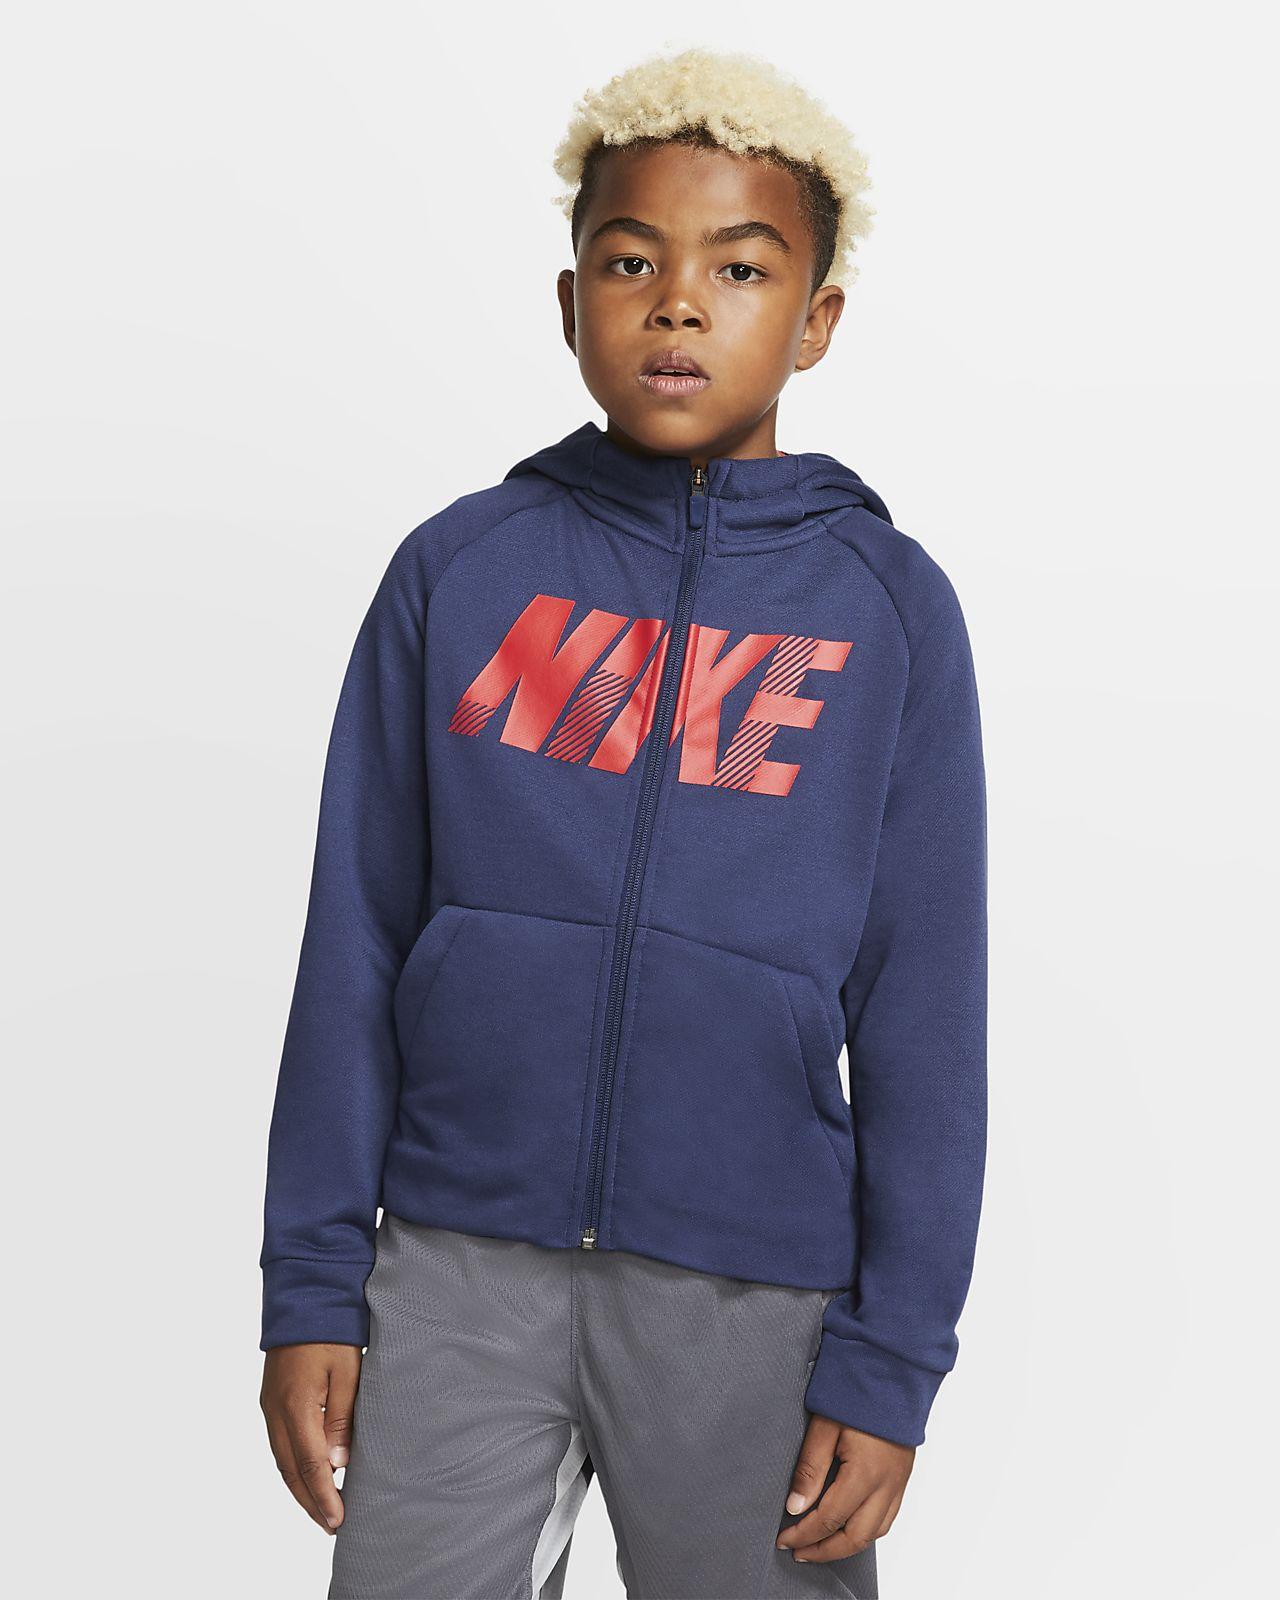 Nike Dri-FIT-træningshættetrøje med grafik og lynlås i fuld længde til store børn